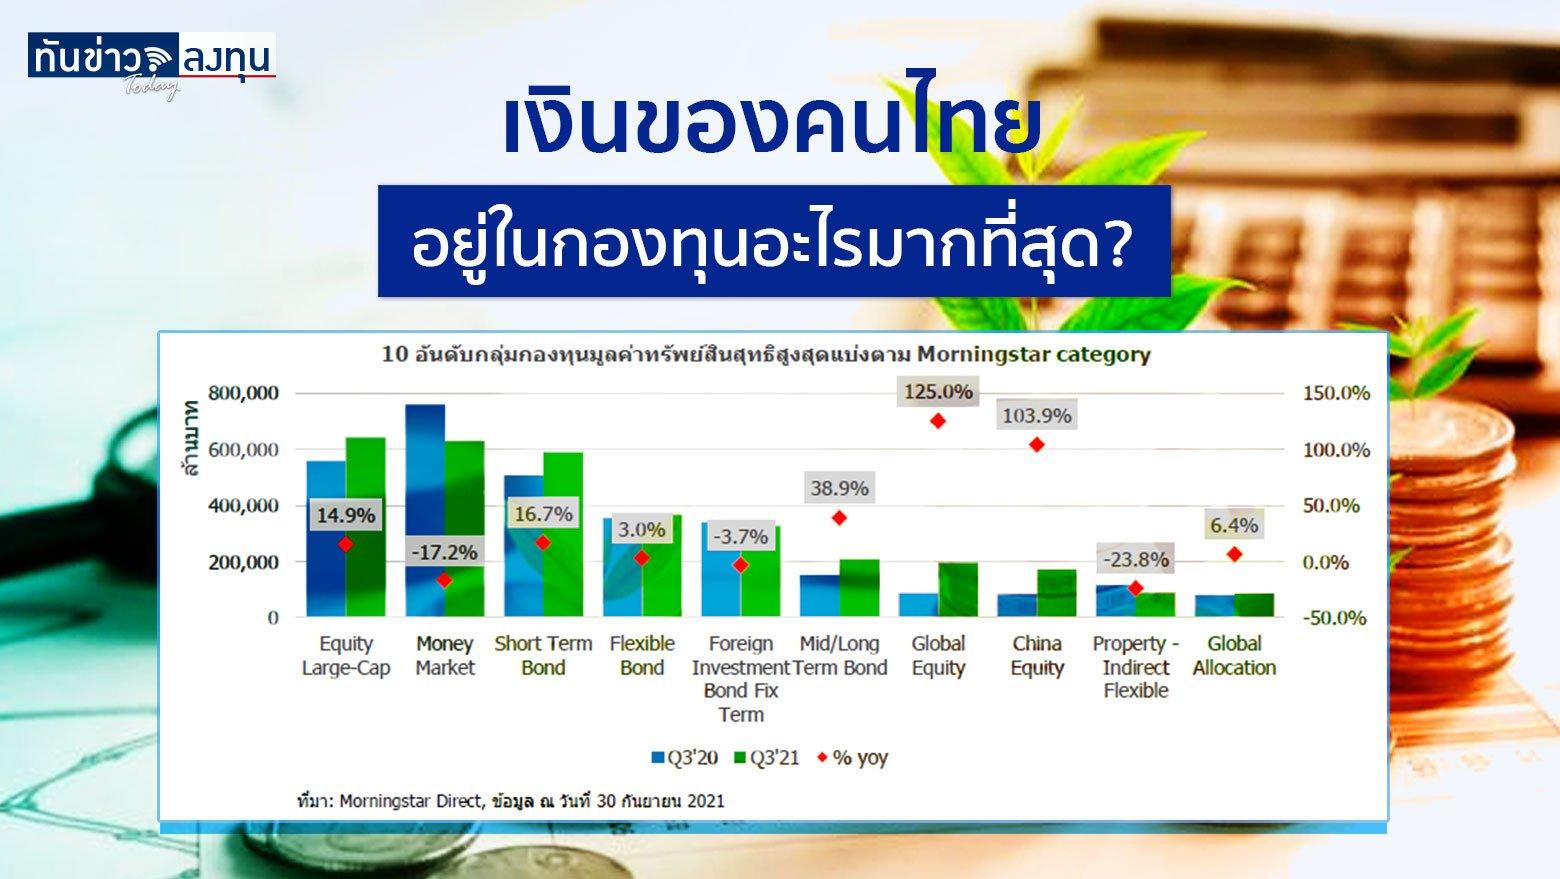 เงินของคนไทย อยู่ในกองทุนอะไรมากที่สุด?